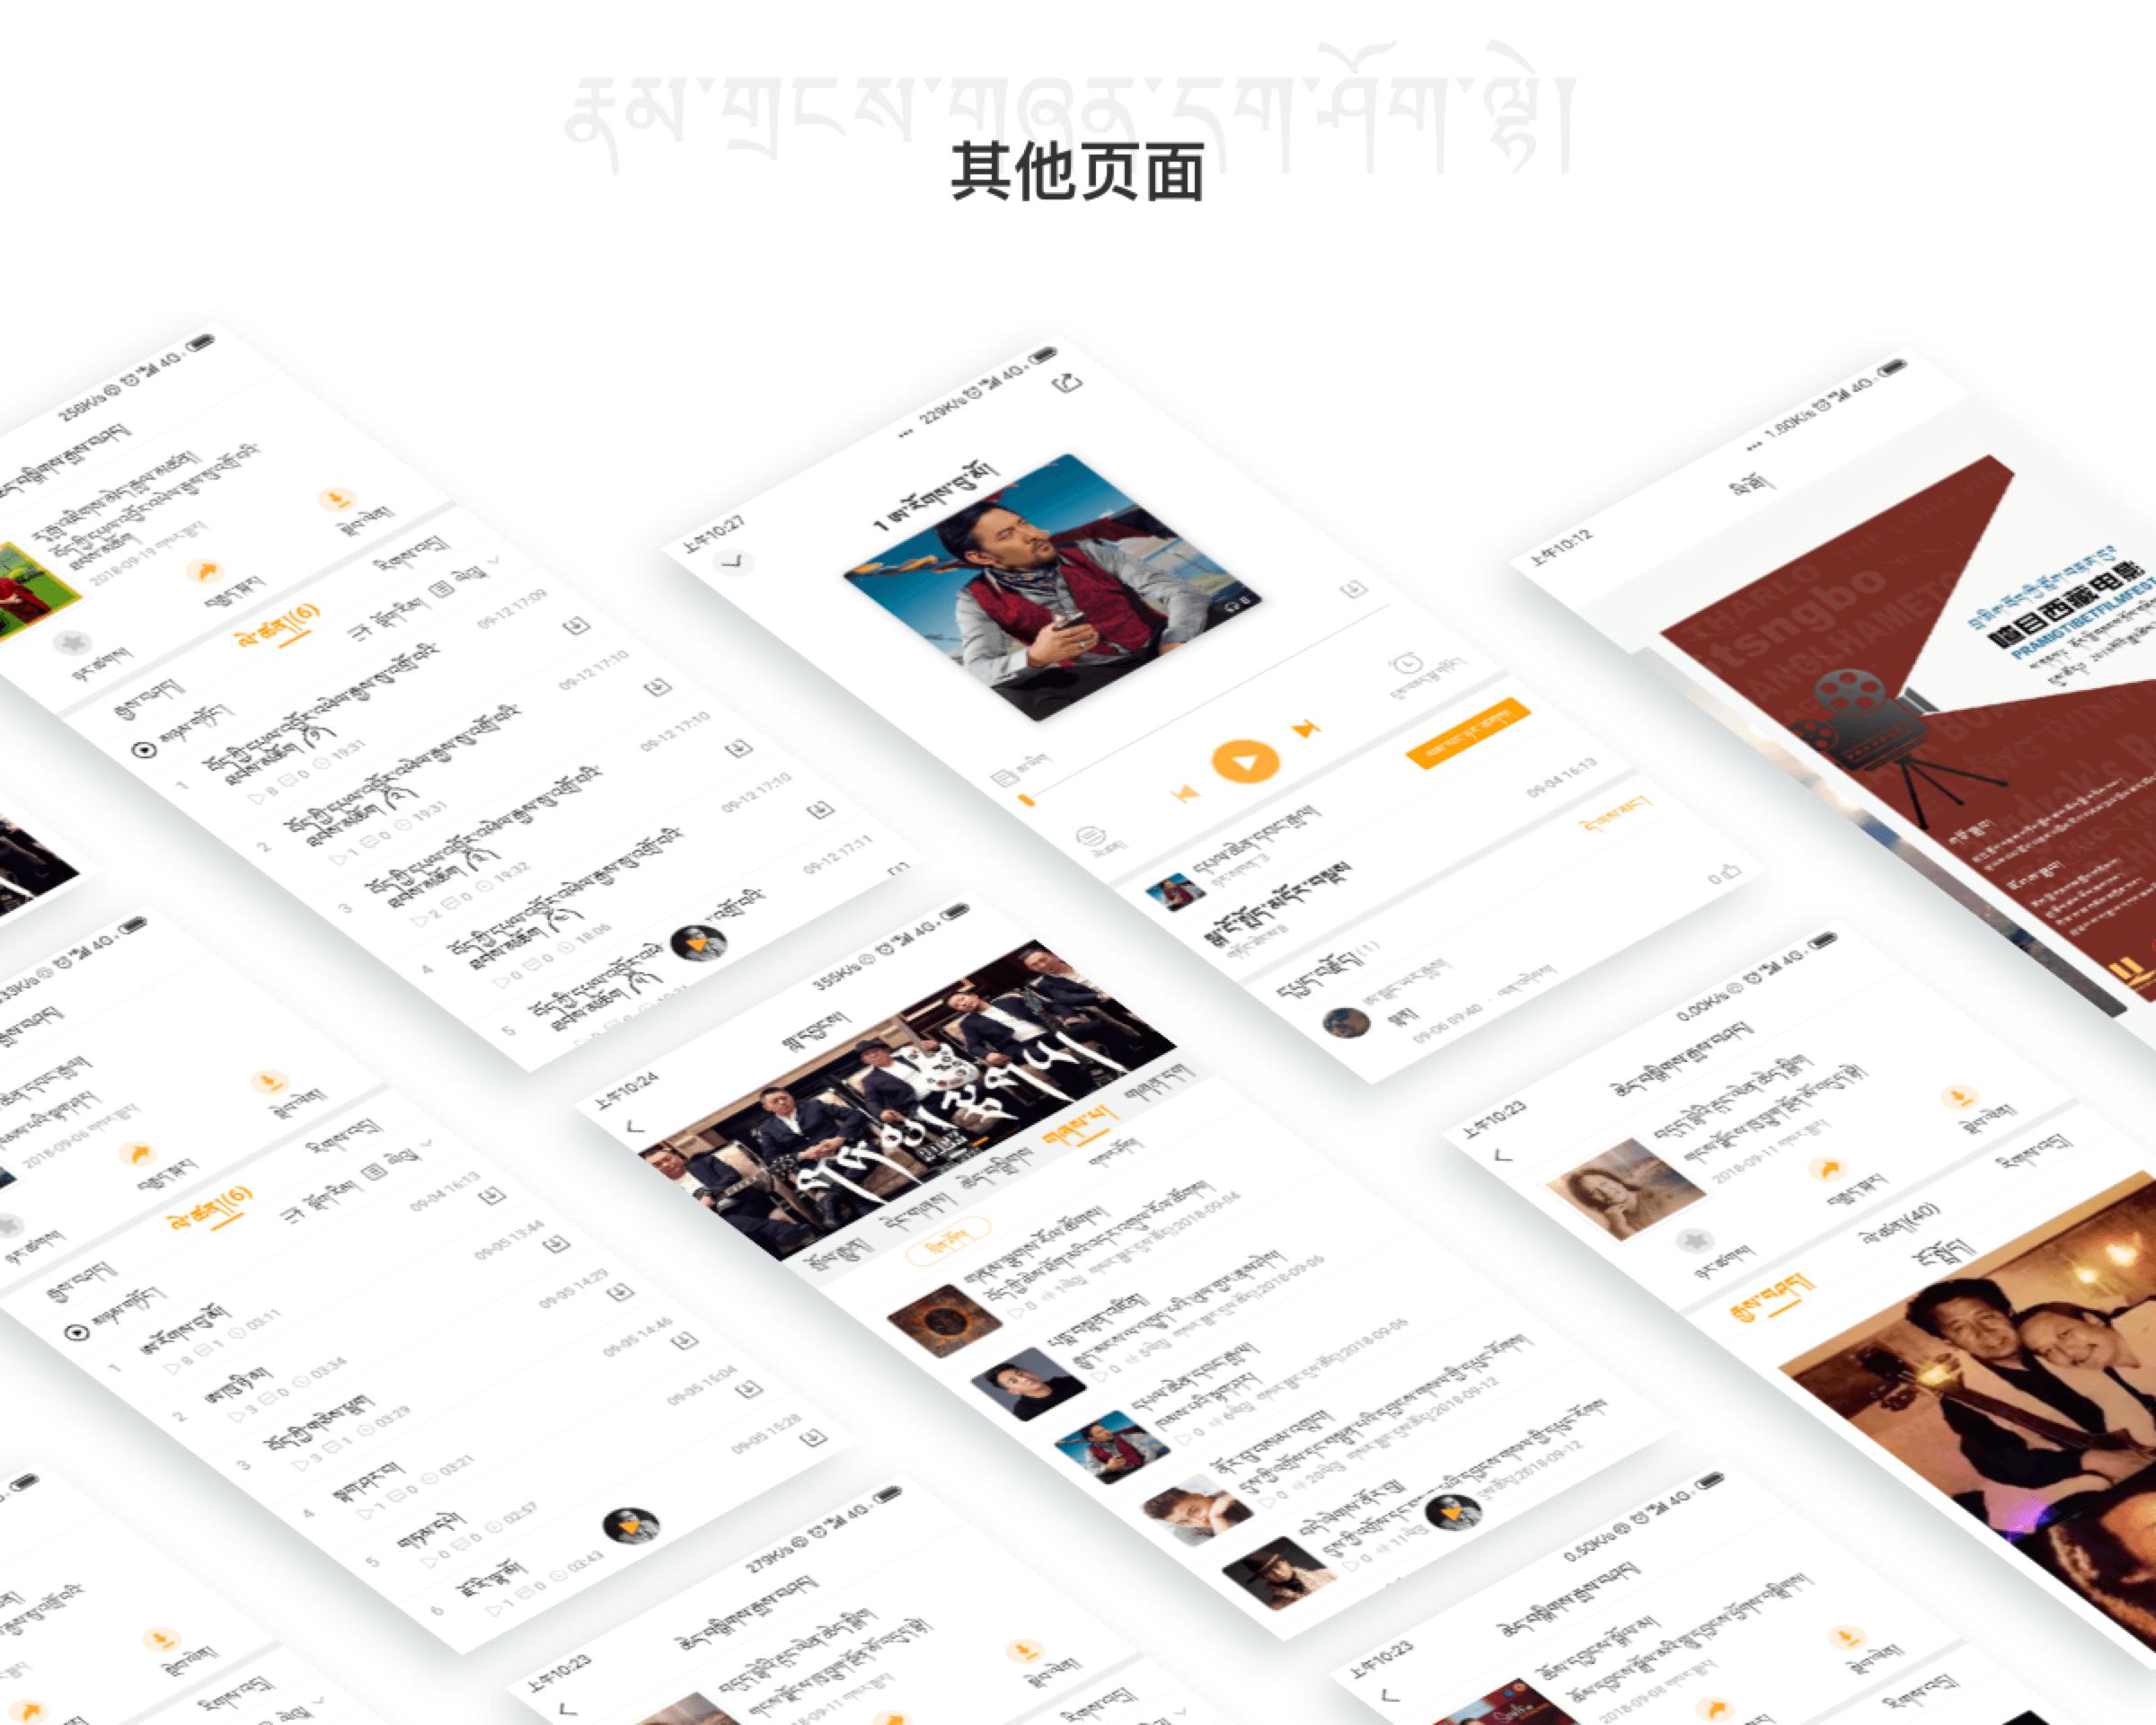 藏区文化教育传播平台